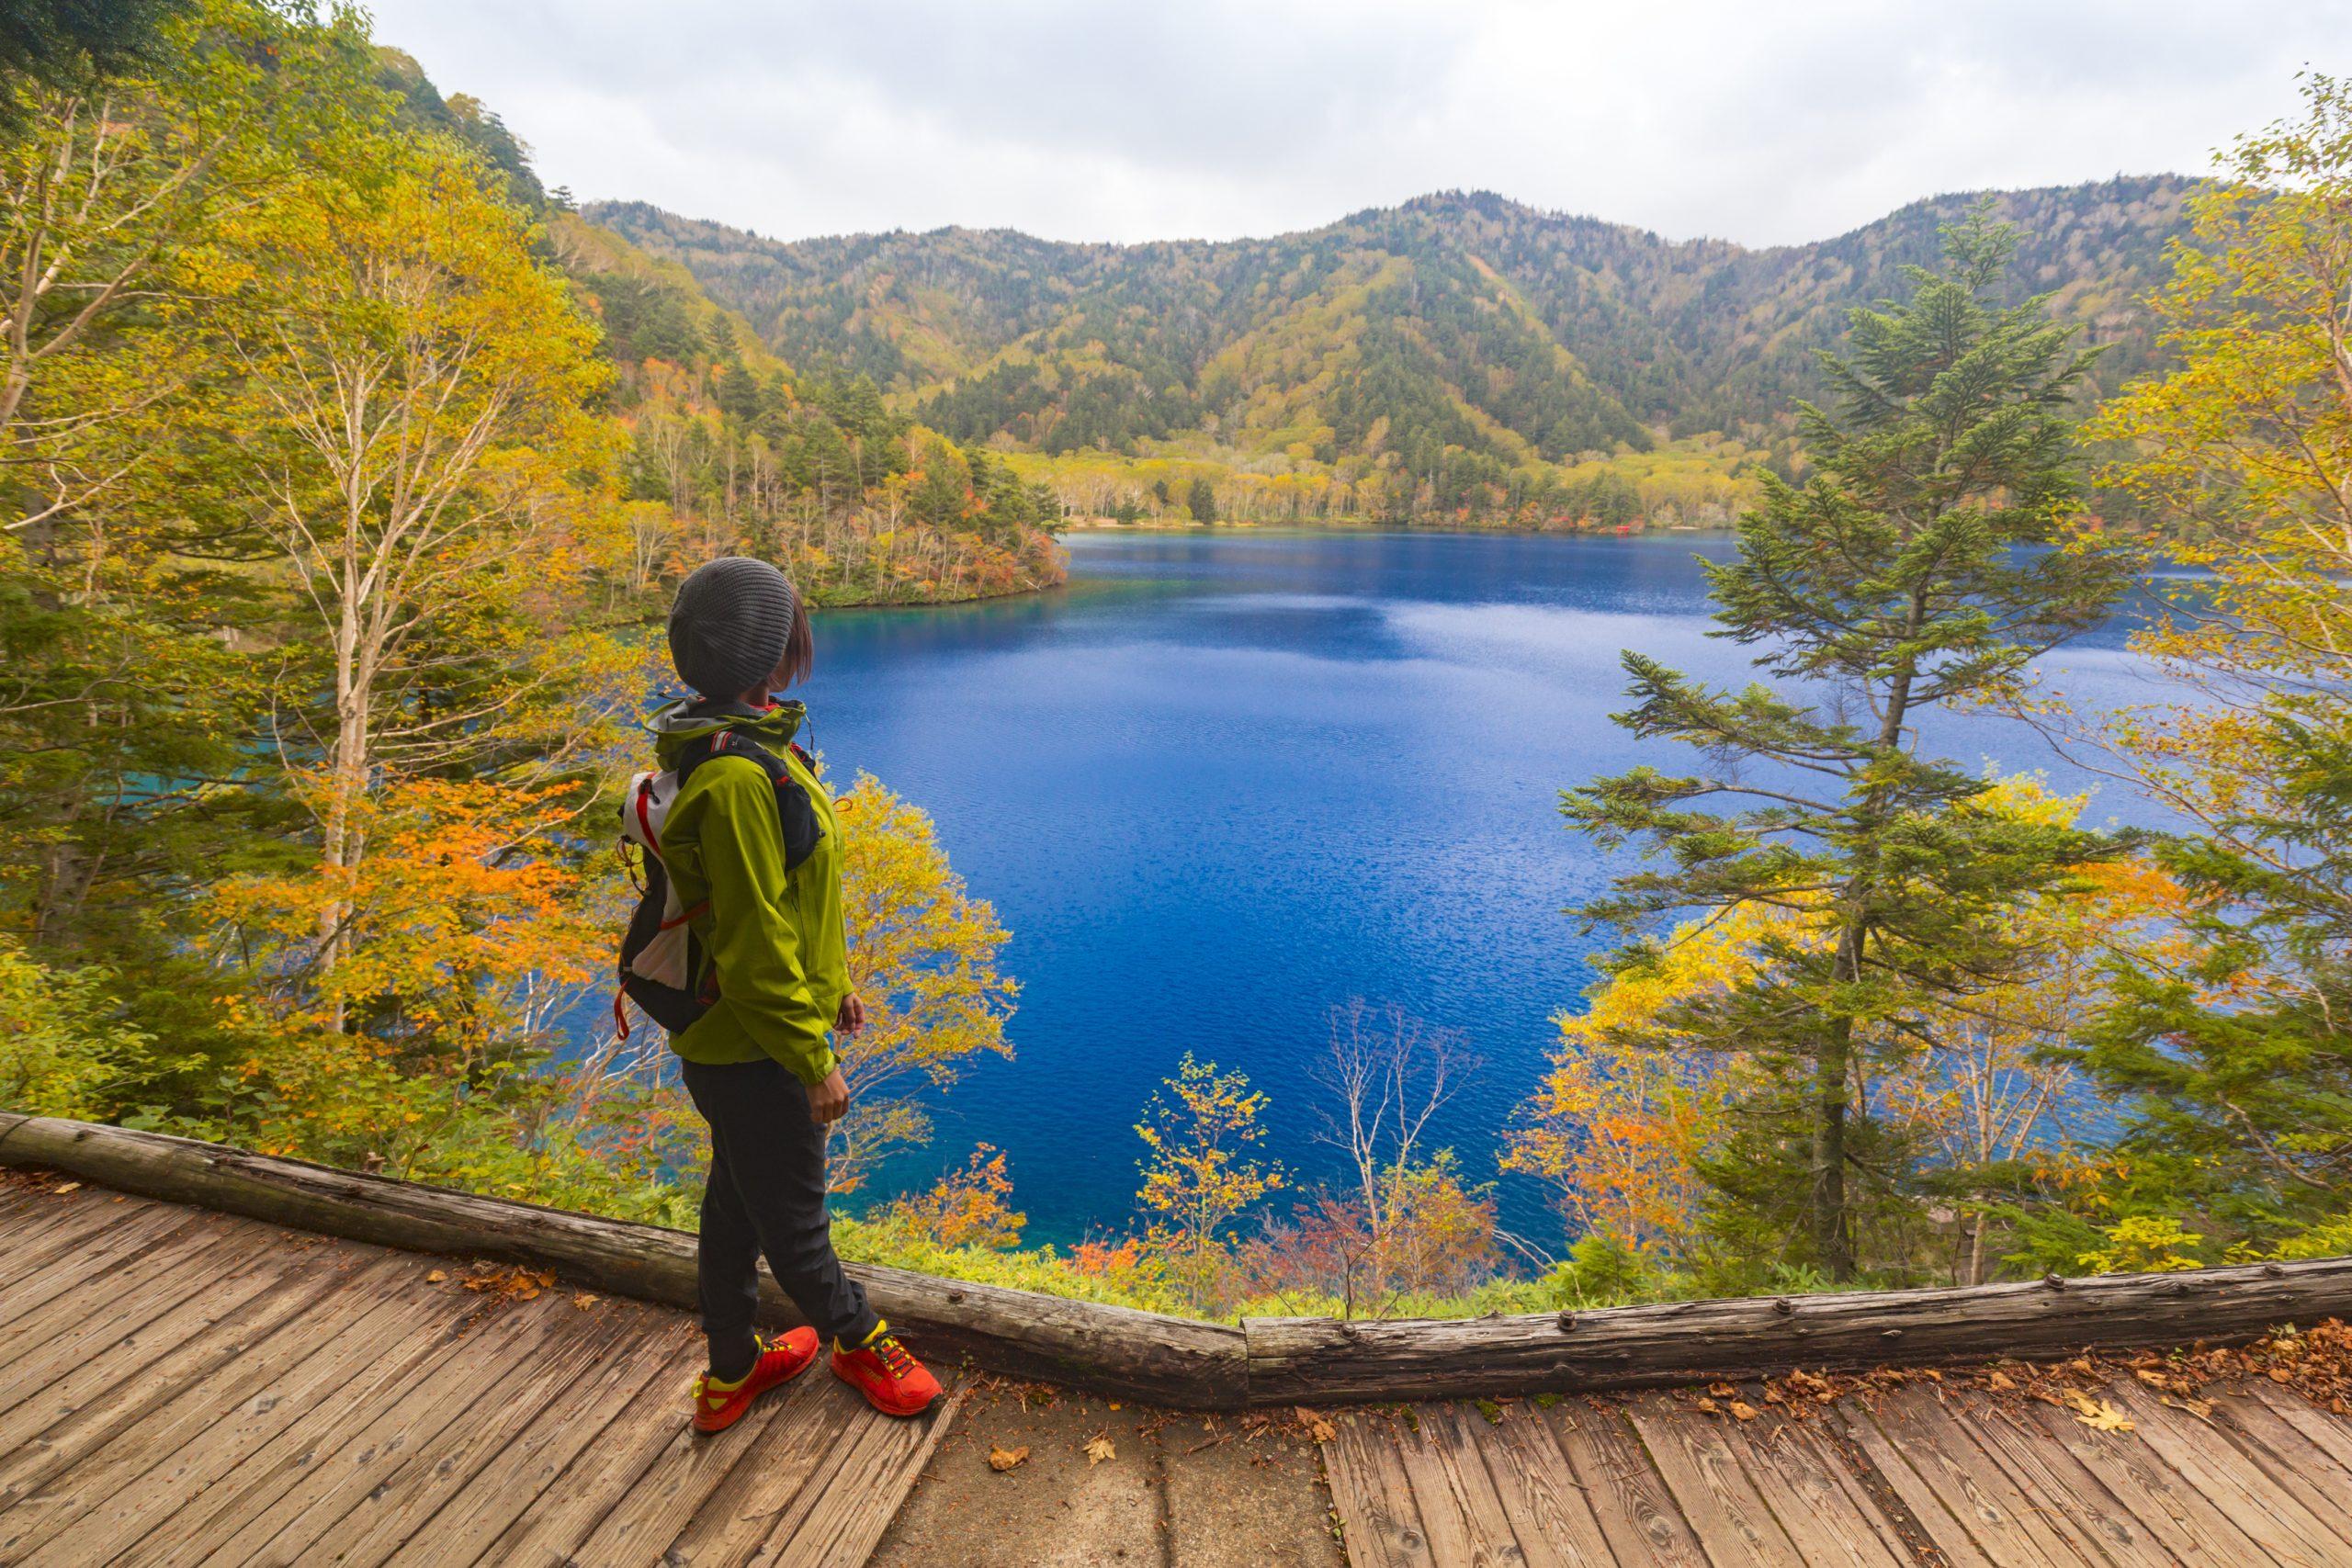 志贺高原的徒步旅行、骑自行车和摄影活动